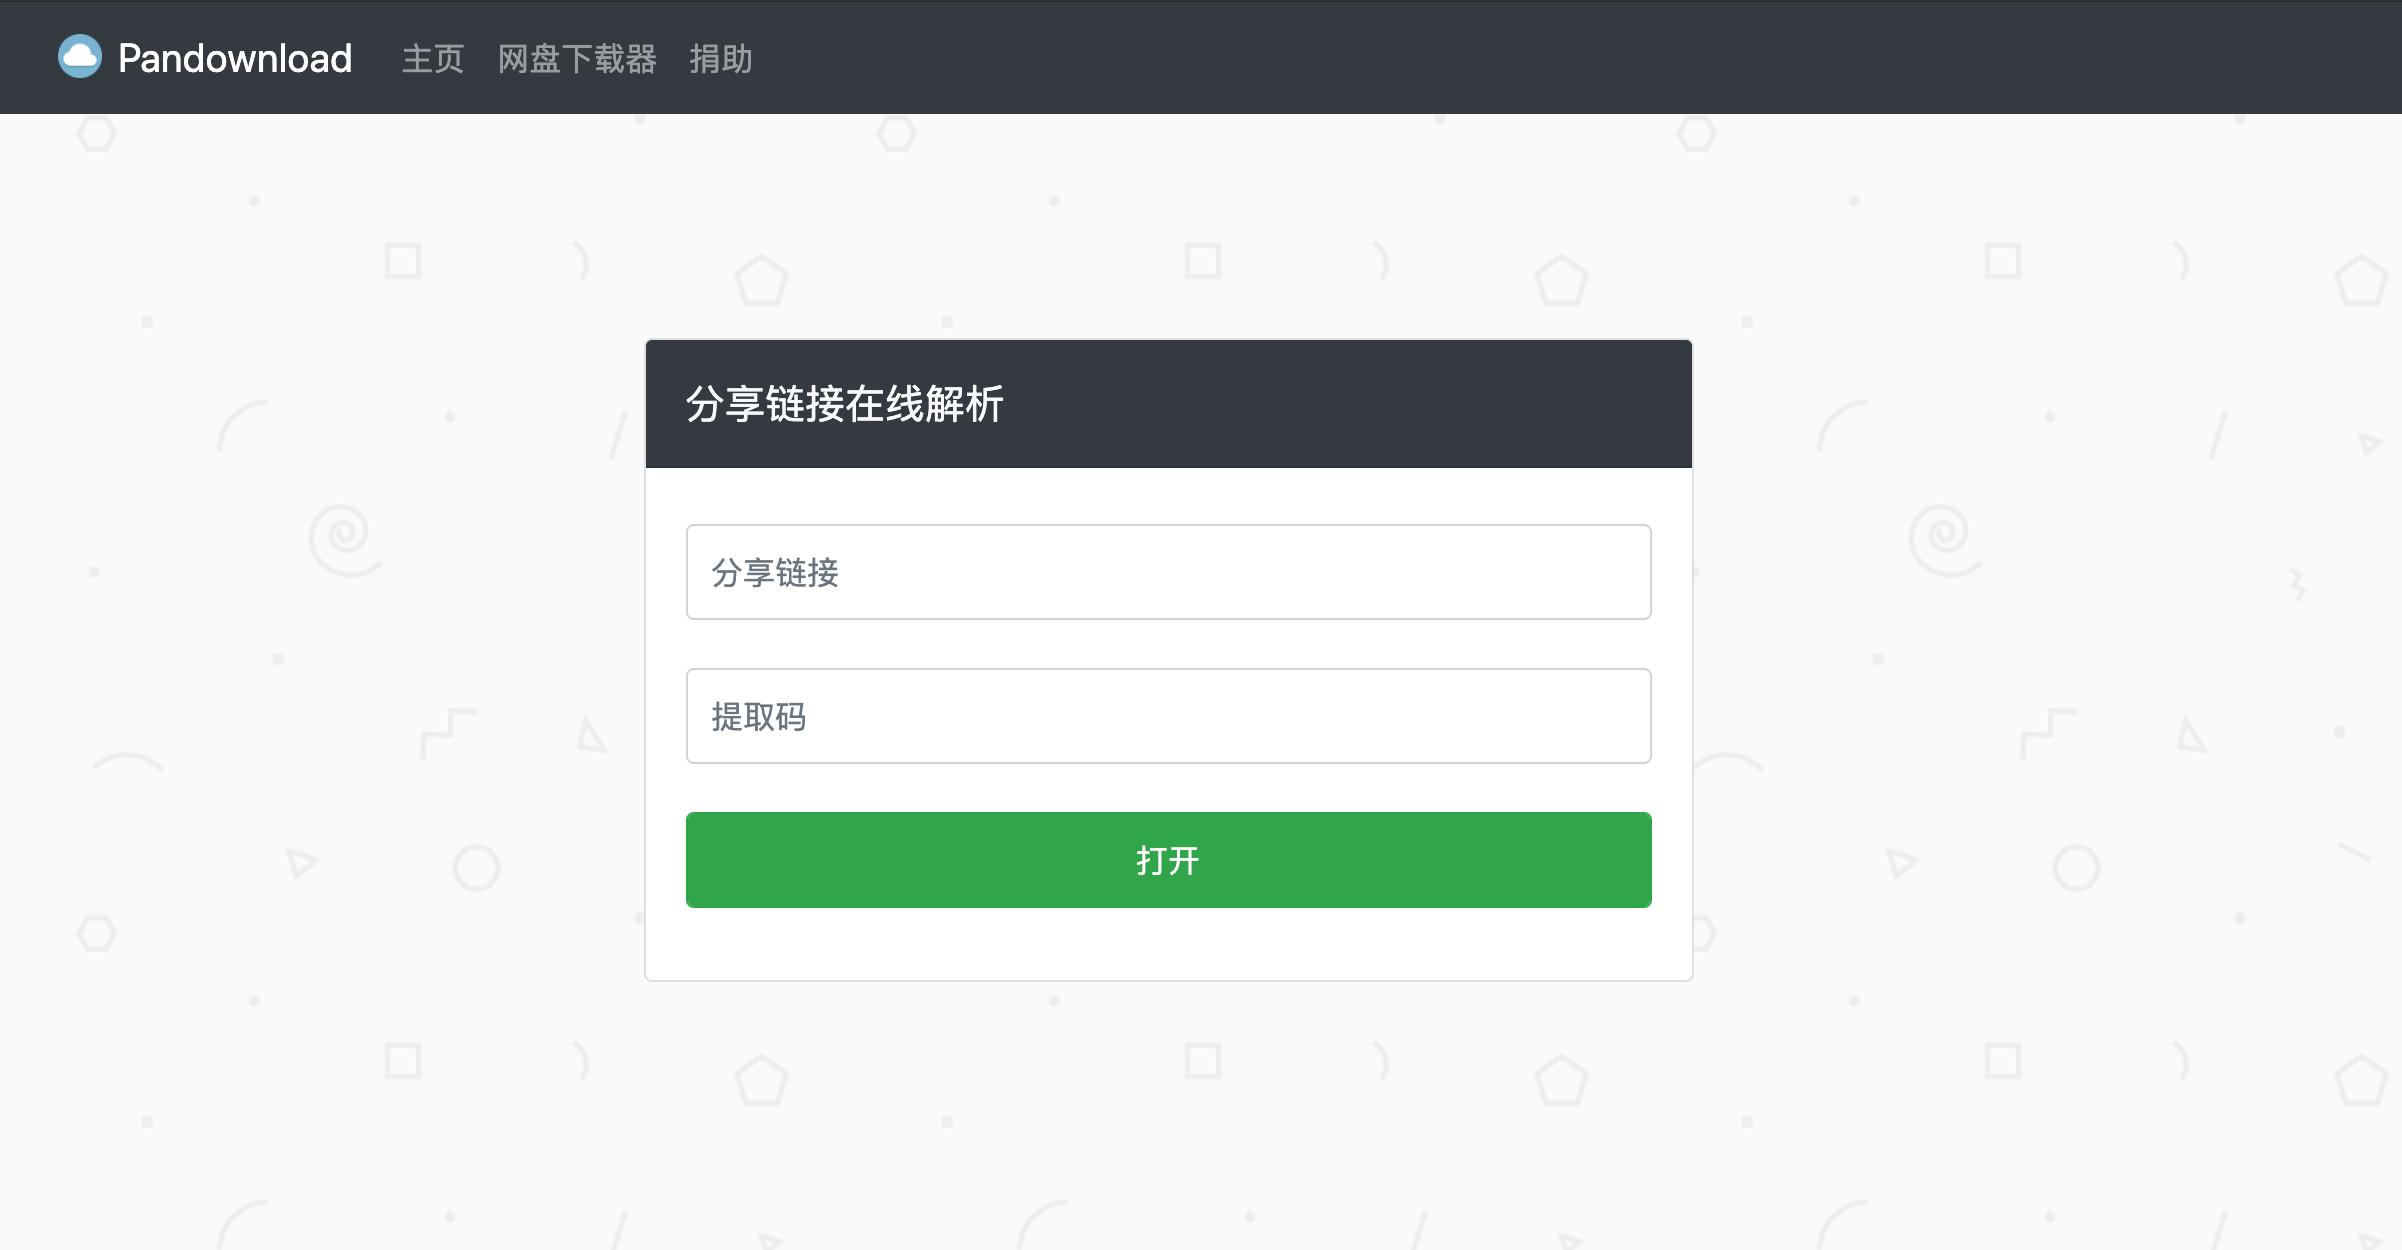 百度网盘第三方下载神器PanDownload推出网页版,简单高速